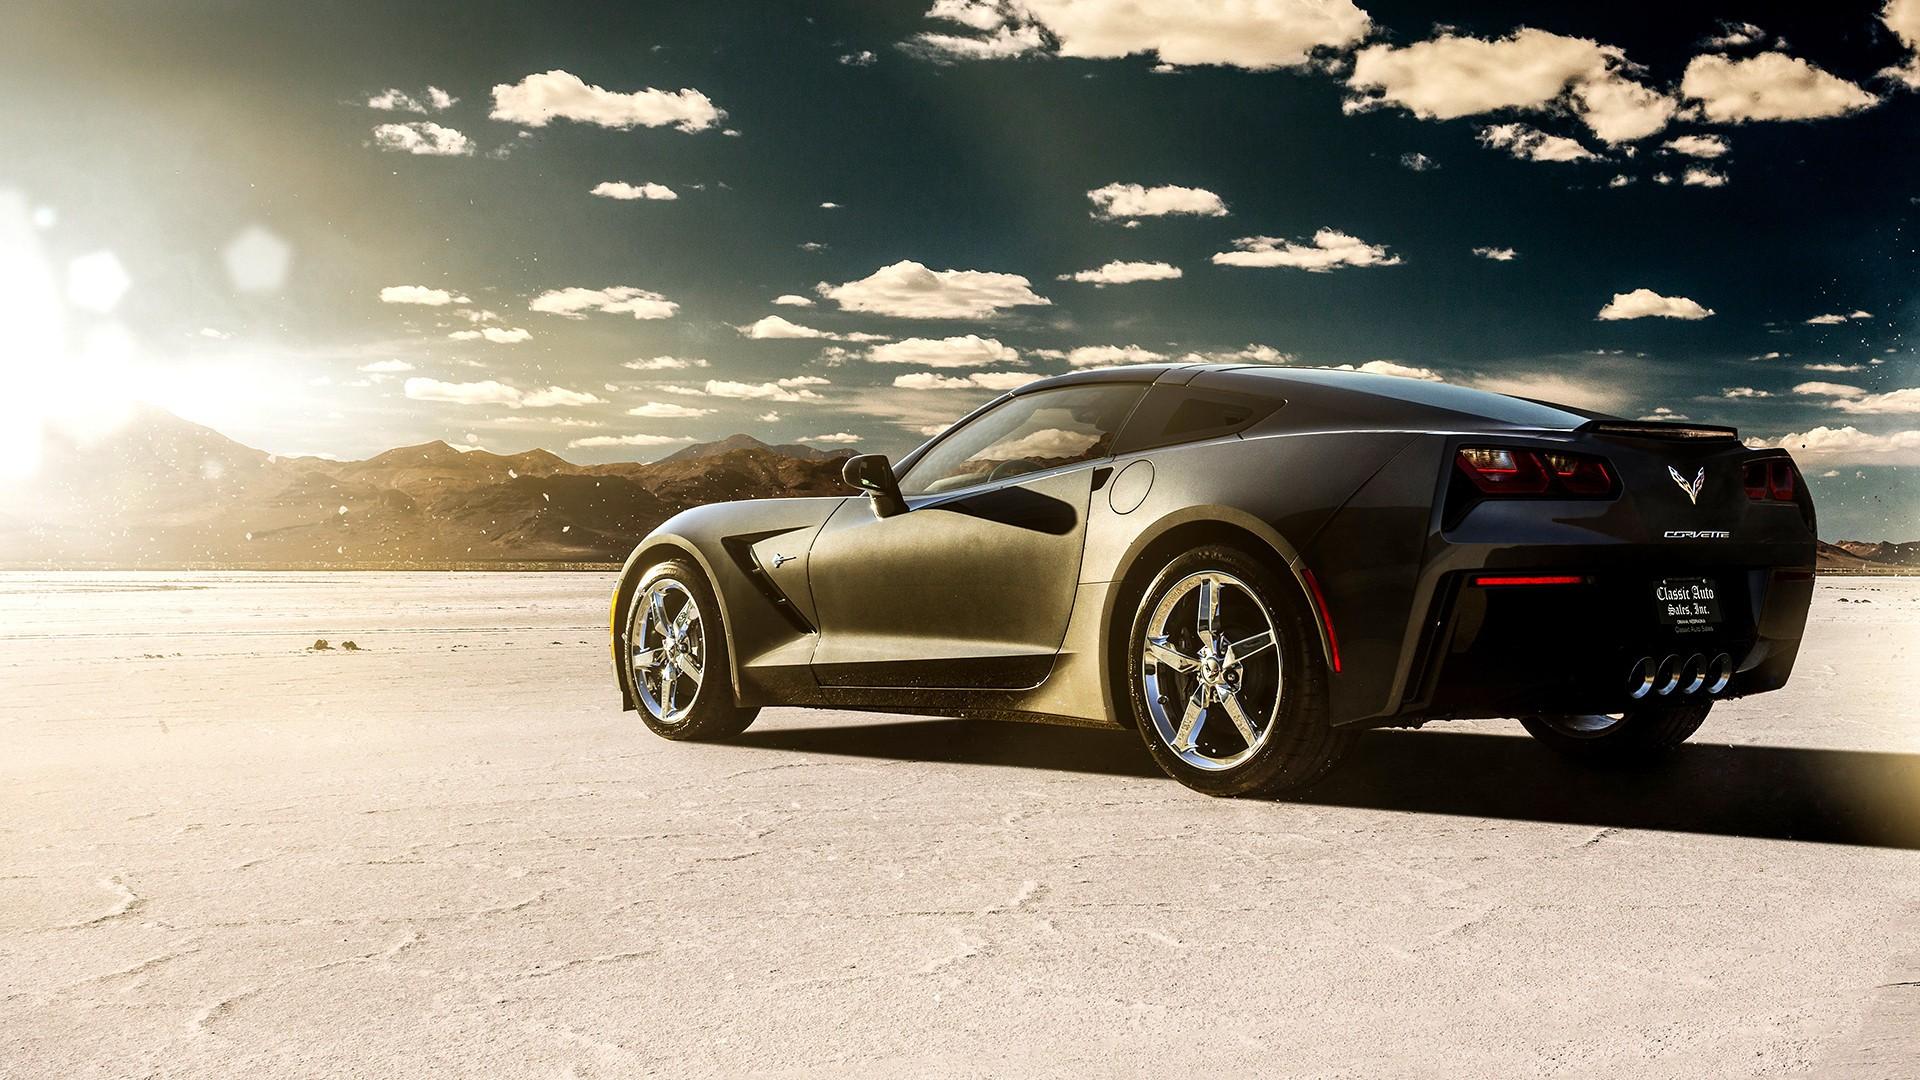 Chevrolet Corvette Stingray HD Cars 4k Wallpapers Images